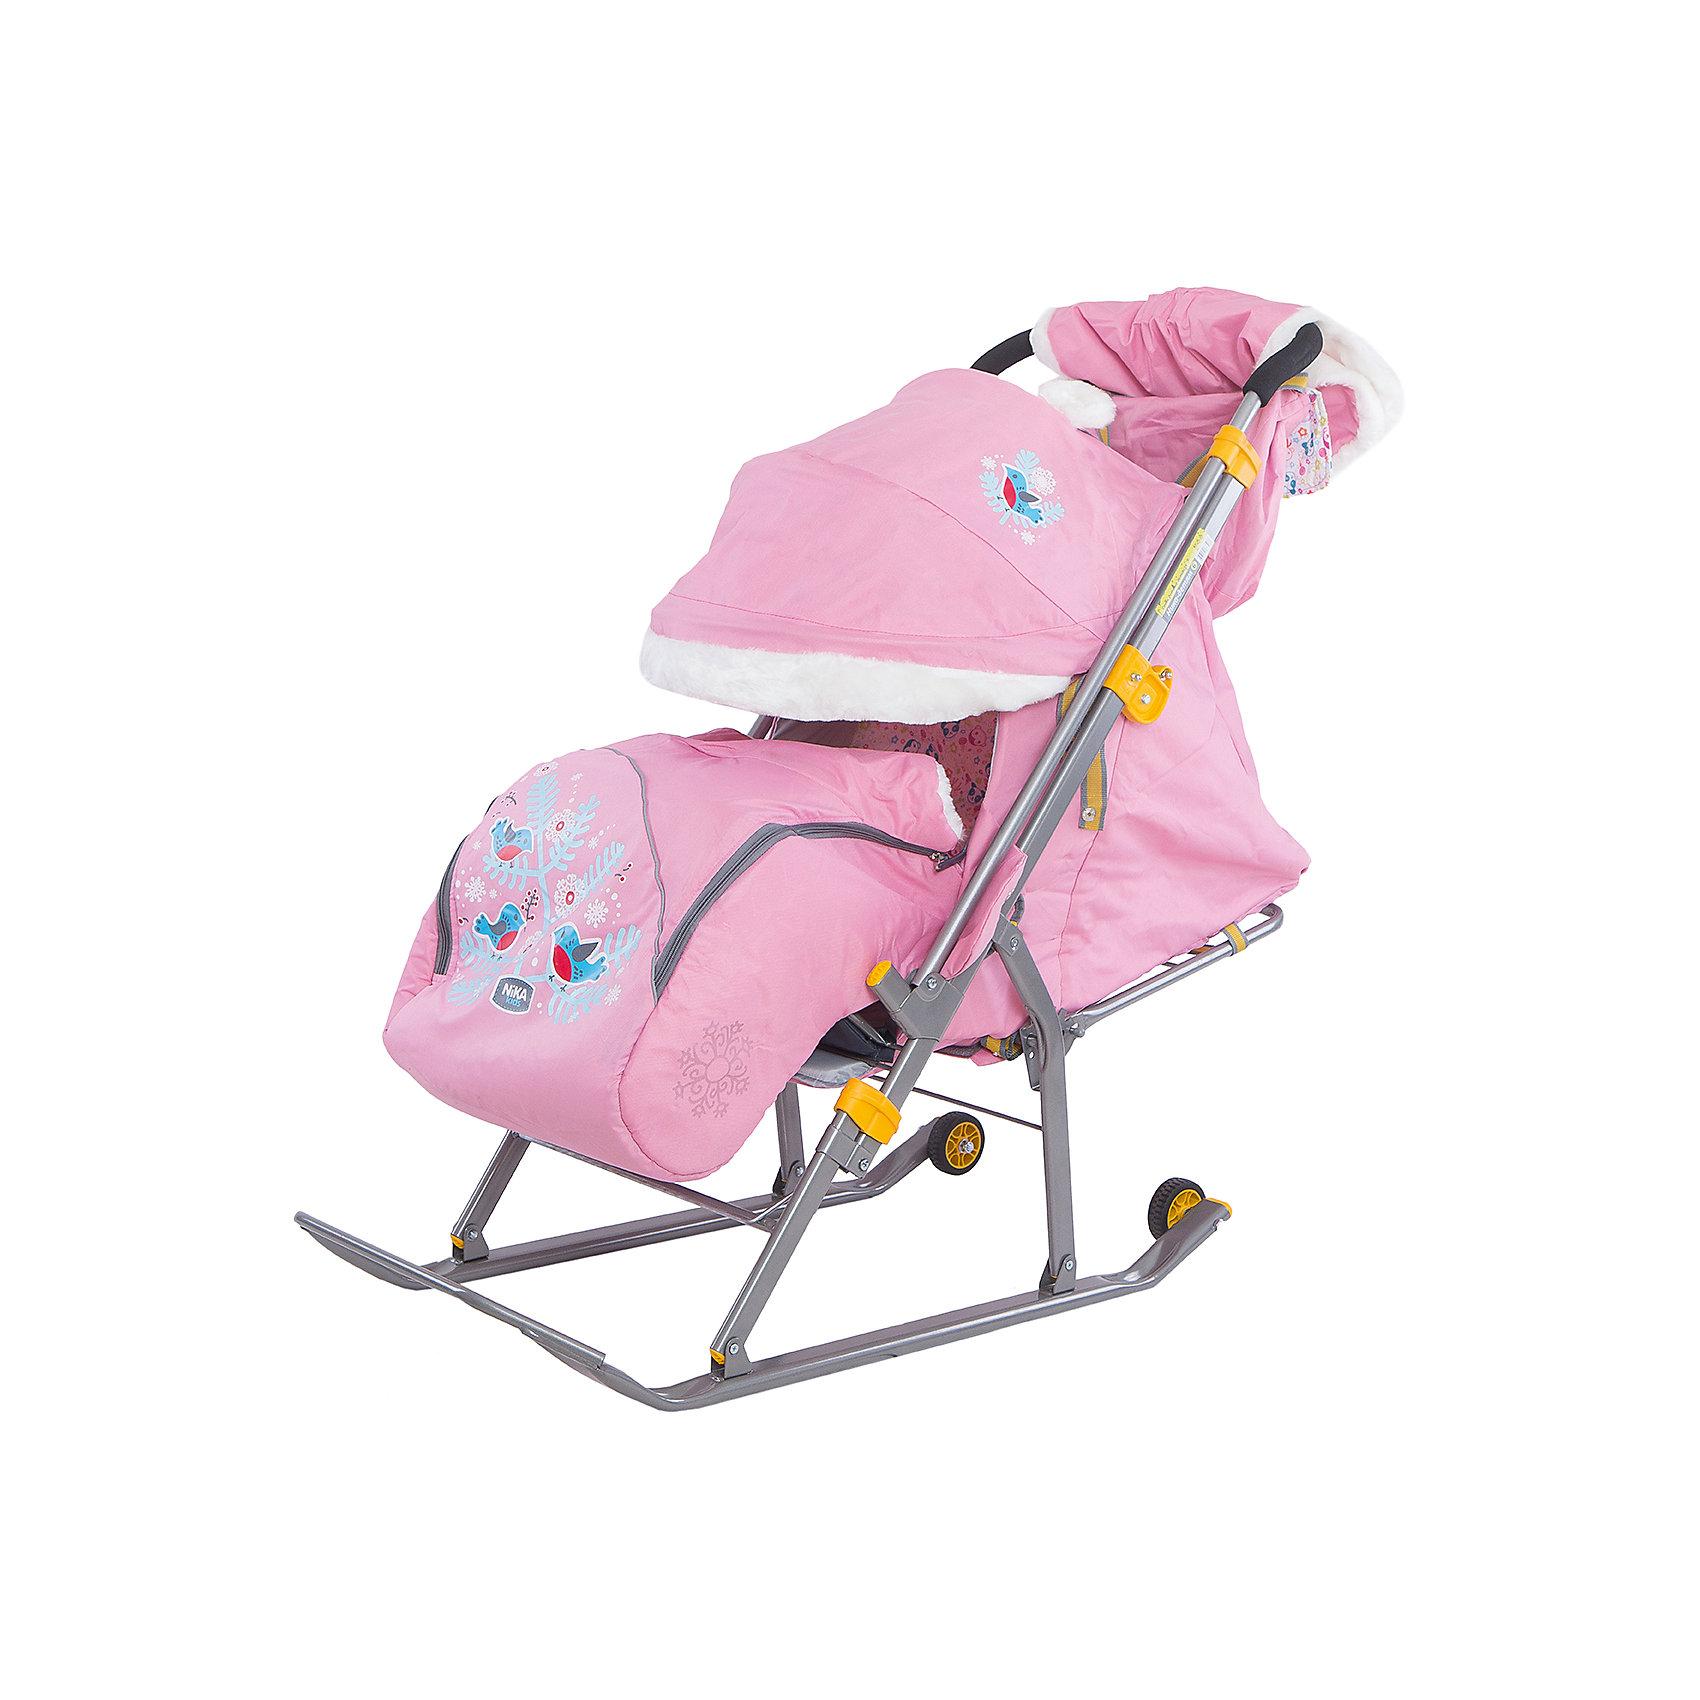 Санки-коляска Ника детям 6, Снегири на ветке, розовыйСанки-коляски<br>Санки-коляска Ника значительно расширят ваши возможности во время зимних прогулок с ребенком. Санки имеют прочные и легкий каркас, чехол выполненный из высококачественного влагоотталкивающего материала. Спинка регулируется до положения лежа, складной козырек со смотровым окошком опускается до ножек ребенка, создавая комфортную атмосферу для отдыха. Модель имеет перекидную ручку и небольшие транспортировочные колеса на задней части полозьев. Санки оснащены пятиточечными ремнями безопасности и мягким и теплым чехлом для ножек. Родителей, несомненно, порадует удобная, вместительная сумка и теплая муфта на ручке. Модель легко складывается, занимает мало места при транспортировке. Прекрасный вариант для холодной и снежной зимы!  <br><br>Дополнительная информация:<br><br>- Материал: металл, полиэстер. <br>- Ширина посадочного места: 36,5 см.<br>- Длина в рабочем положении: 105 см.<br>- Высота ручки от земли: 100 см.<br>- Ширина по полозьям: 41,1 см.<br>- Ширина полозьев: 4 см.<br>- Размер в сложенном виде: 110,5 х 42,1 х 25,5 см.<br>- Перекидная ручка. <br>- Складной козырек со смотровым окошком.<br>- Накидка на ножки.<br>- Транспортировочные колеса. <br>- Пятиточечные ремни безопасности. <br>- Регулируемая до положения лежа спинка.<br>- Вес: 7,1 кг<br>- Максимальный вес ребенка: 25 кг.<br>- Легко складываются. <br>- Светоотражающие элементы.<br>- Теплая муфта на ручке. <br>- Сумка.<br>- Декоративные элементы: аппликация, отделка мехом.<br>- Цвет: розовый.<br><br>Санки-коляску Ника детям 6, Снегири на ветке, розовый, можно купить в нашем магазине.<br><br>Ширина мм: 1100<br>Глубина мм: 425<br>Высота мм: 255<br>Вес г: 8950<br>Цвет: розовый<br>Возраст от месяцев: 12<br>Возраст до месяцев: 48<br>Пол: Унисекс<br>Возраст: Детский<br>SKU: 4314892